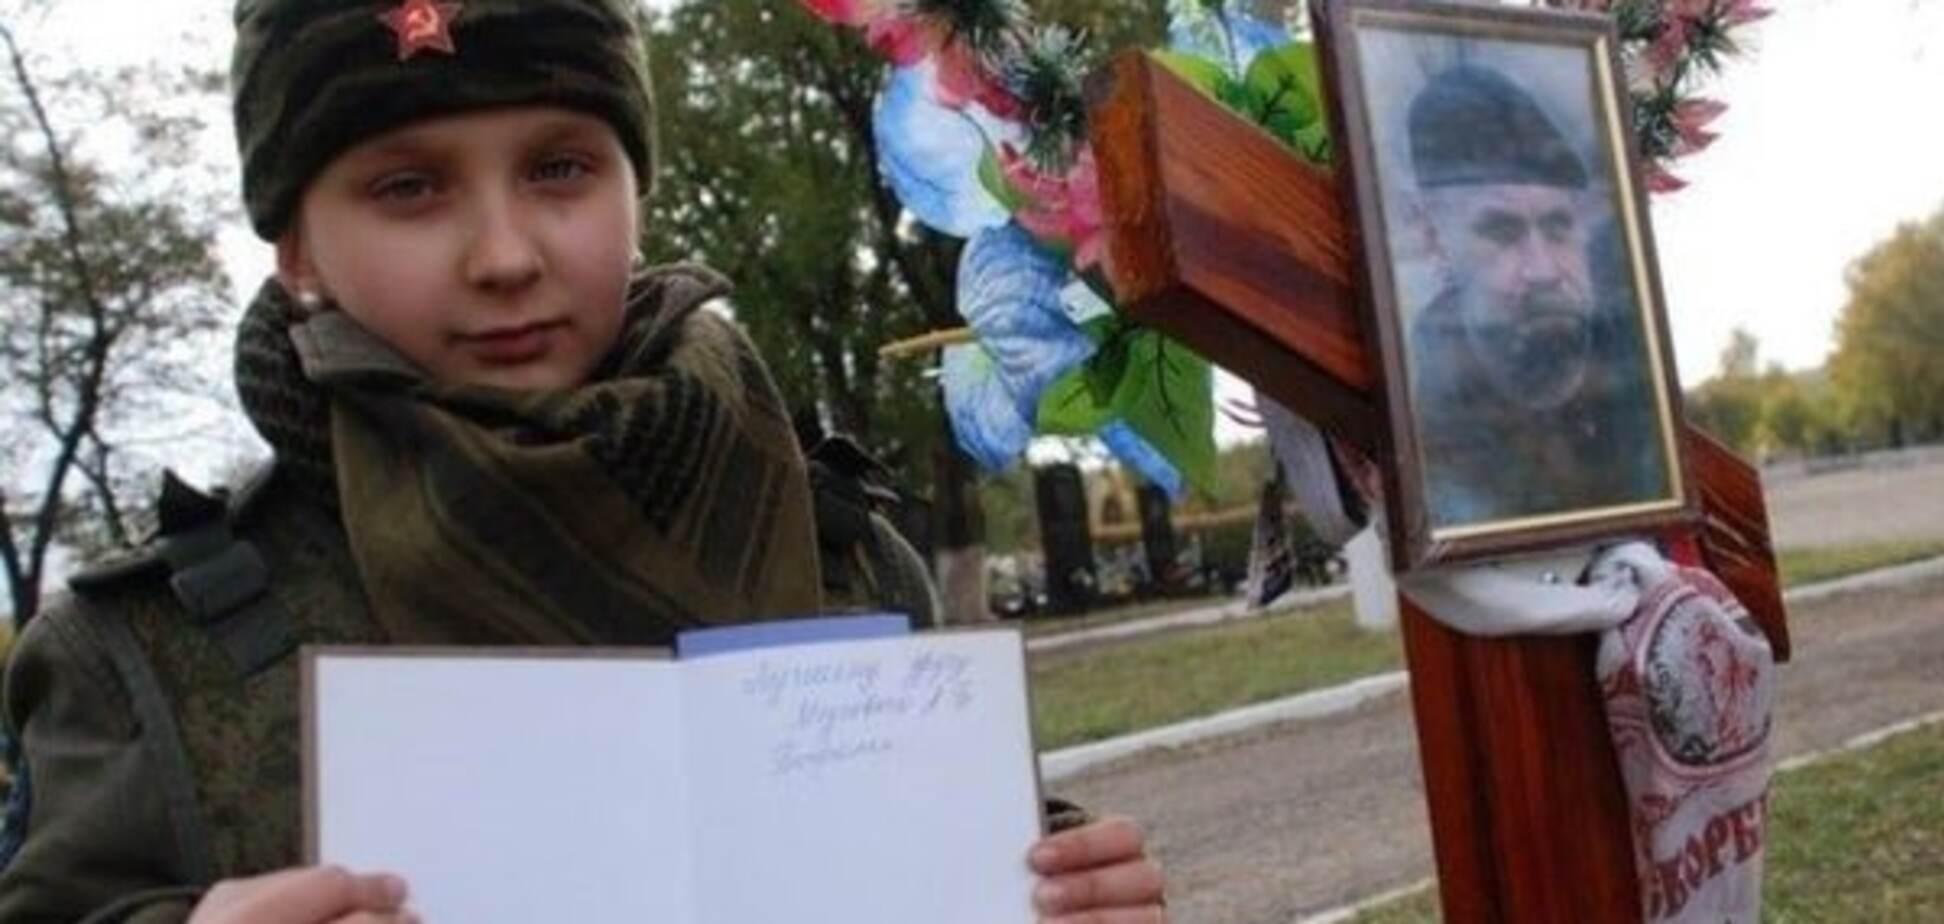 Фейків багато не буває: на Донеччині викрили 9-річну фанатку терориста Мозгового